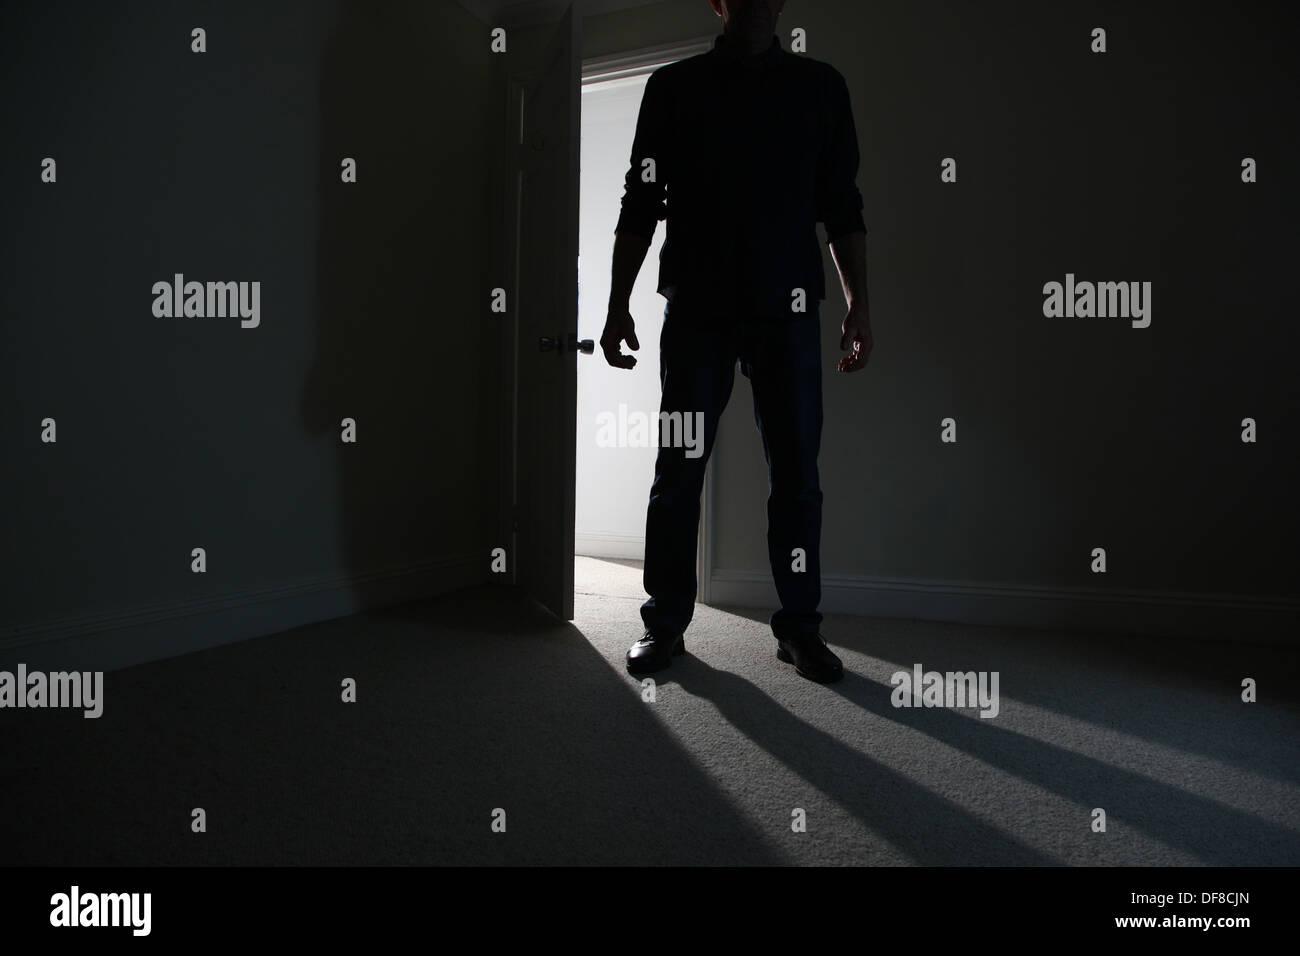 Silhouette eines männlichen Erwachsenen in einer offenen Tür stehe, in einen dunklen Raum. Modell veröffentlicht Stockbild